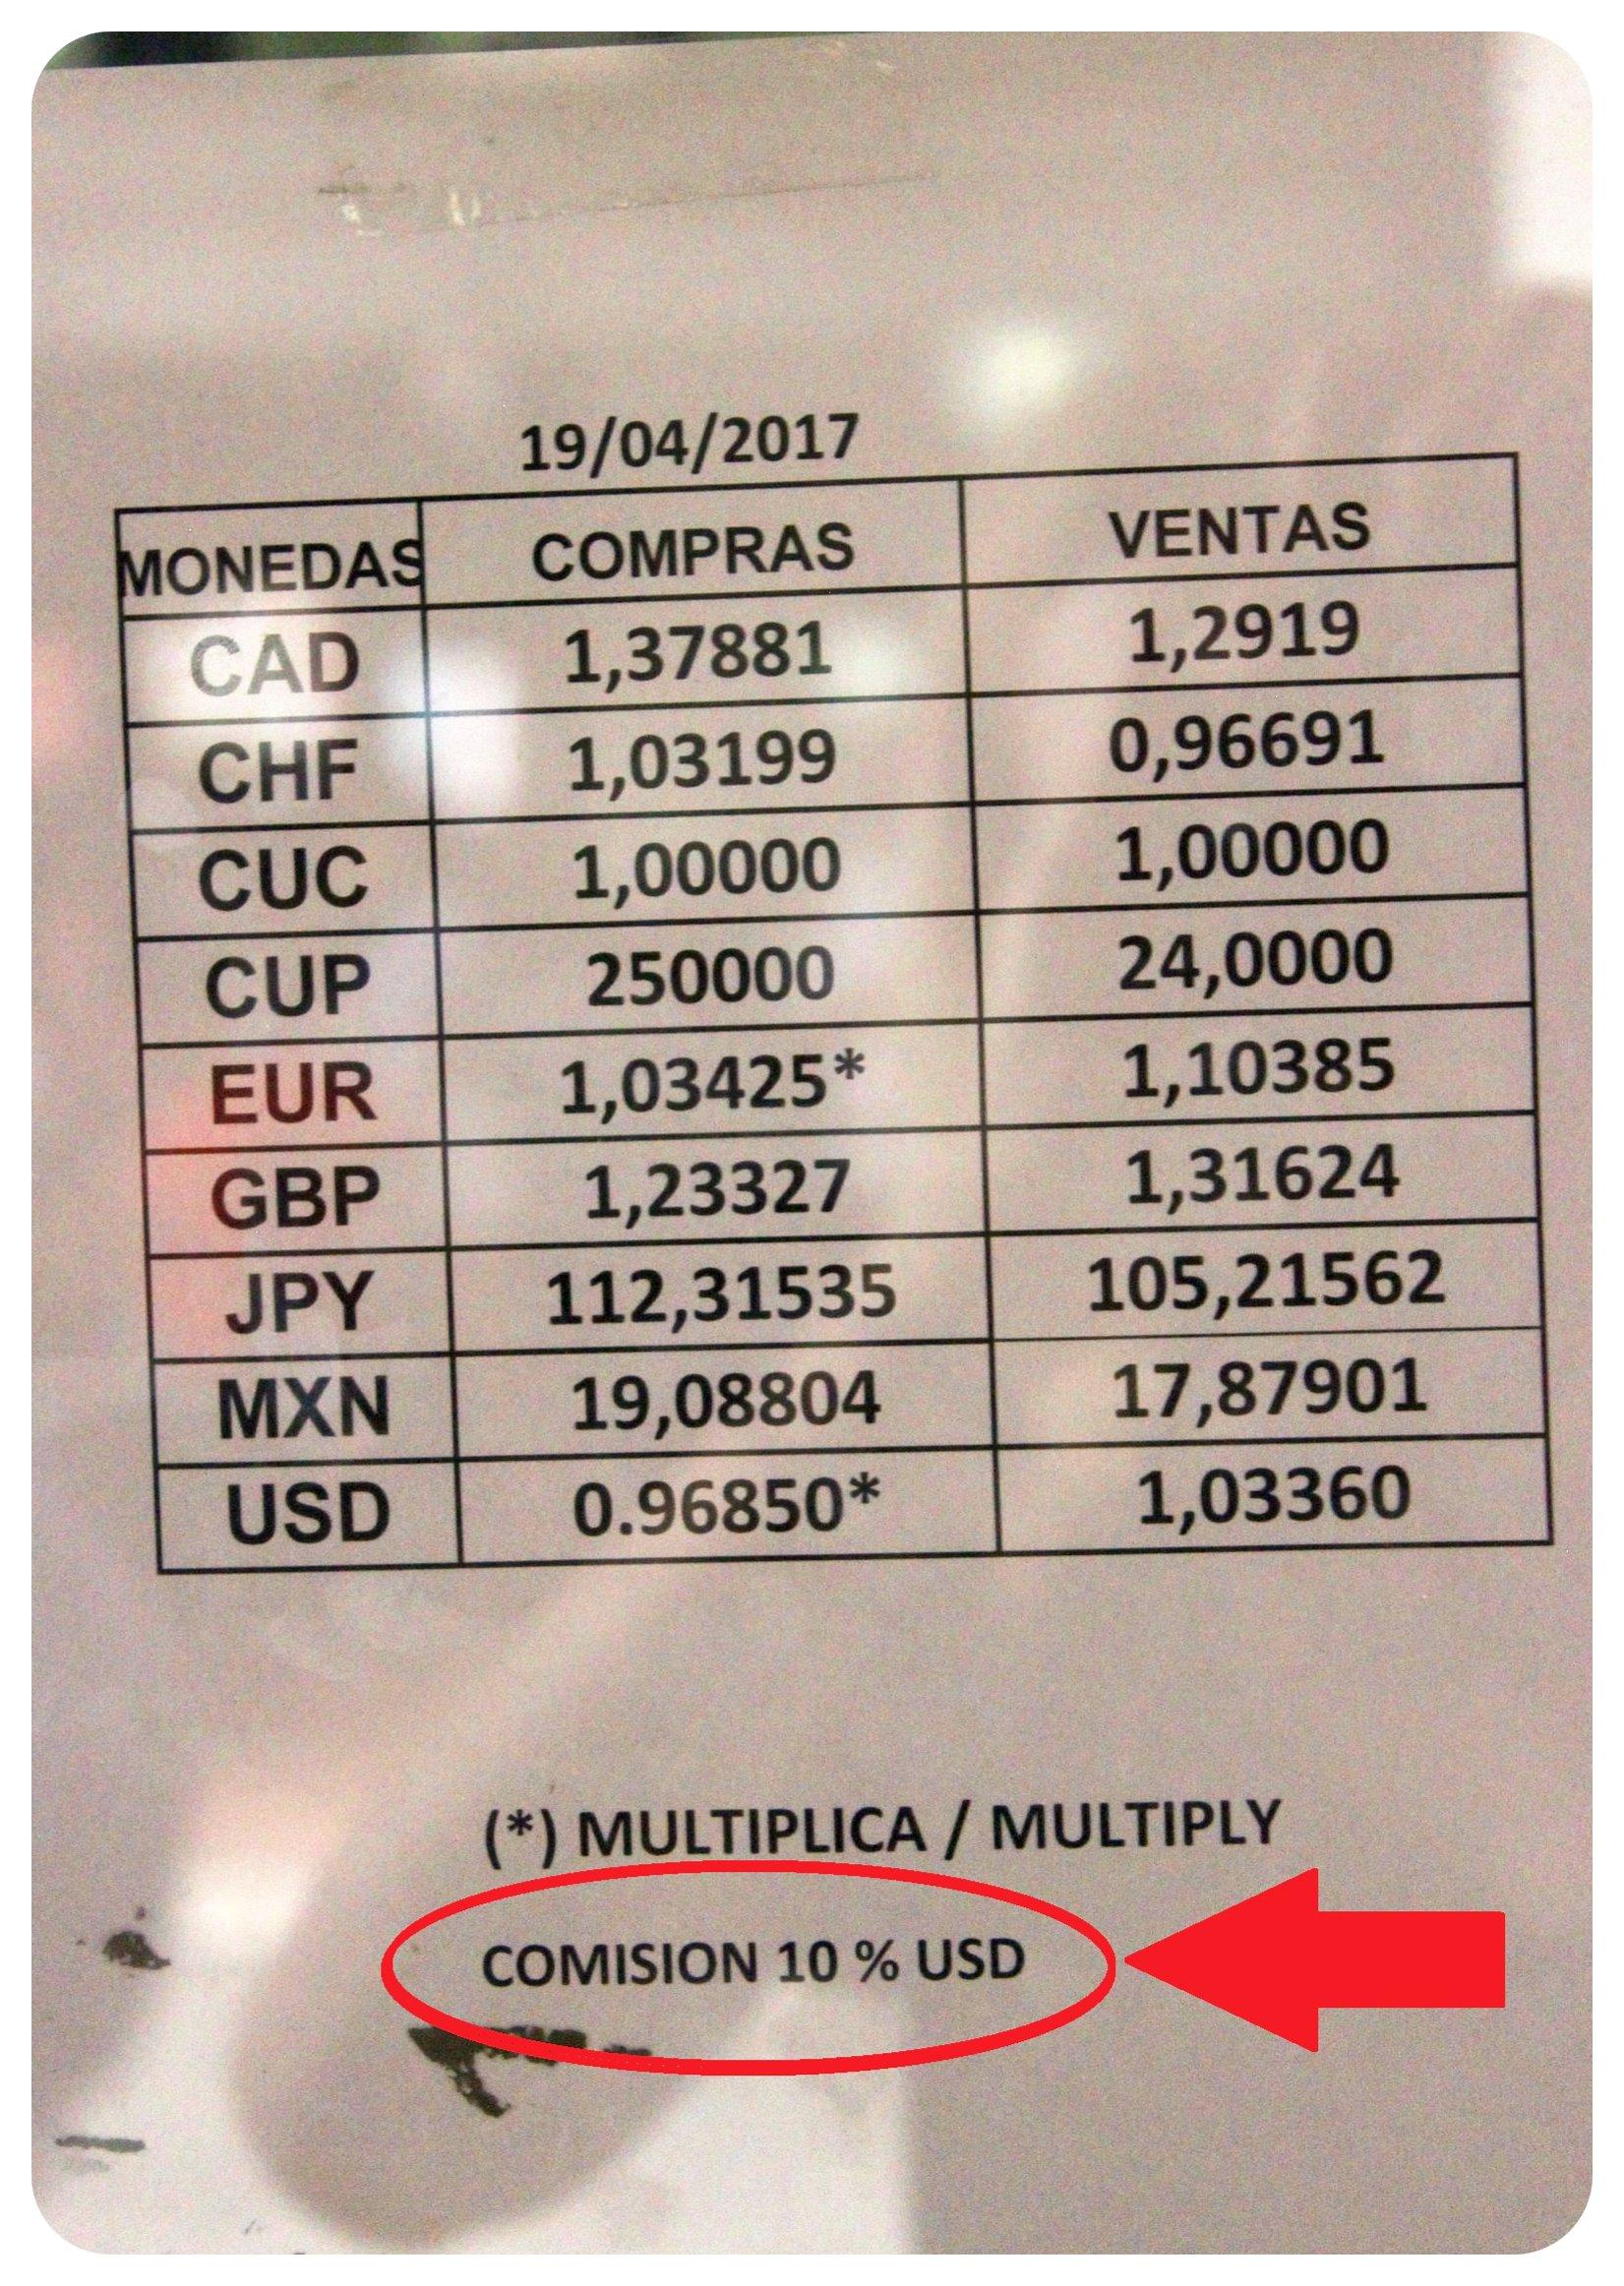 cuba currency exchange